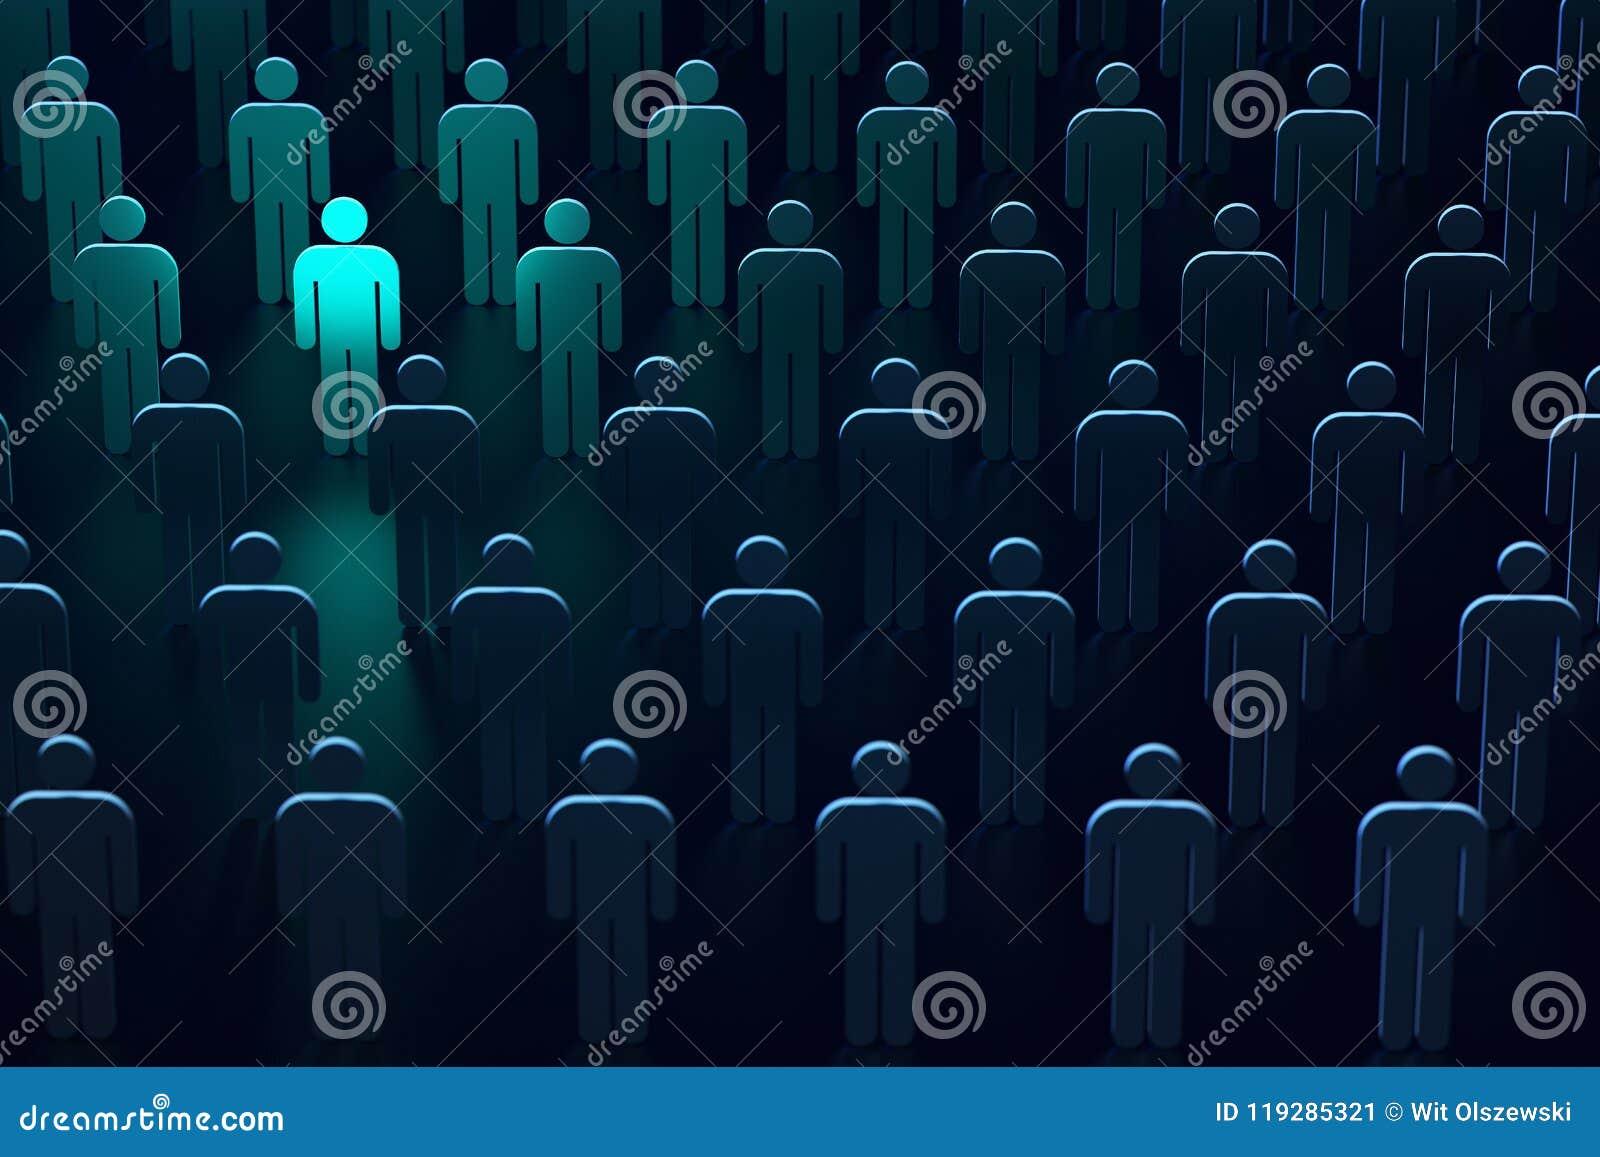 Lichtblauw silhouet van een persoon als symbool van vrijheid en bescherming De leider van veilige technologieën het 3d teruggeven